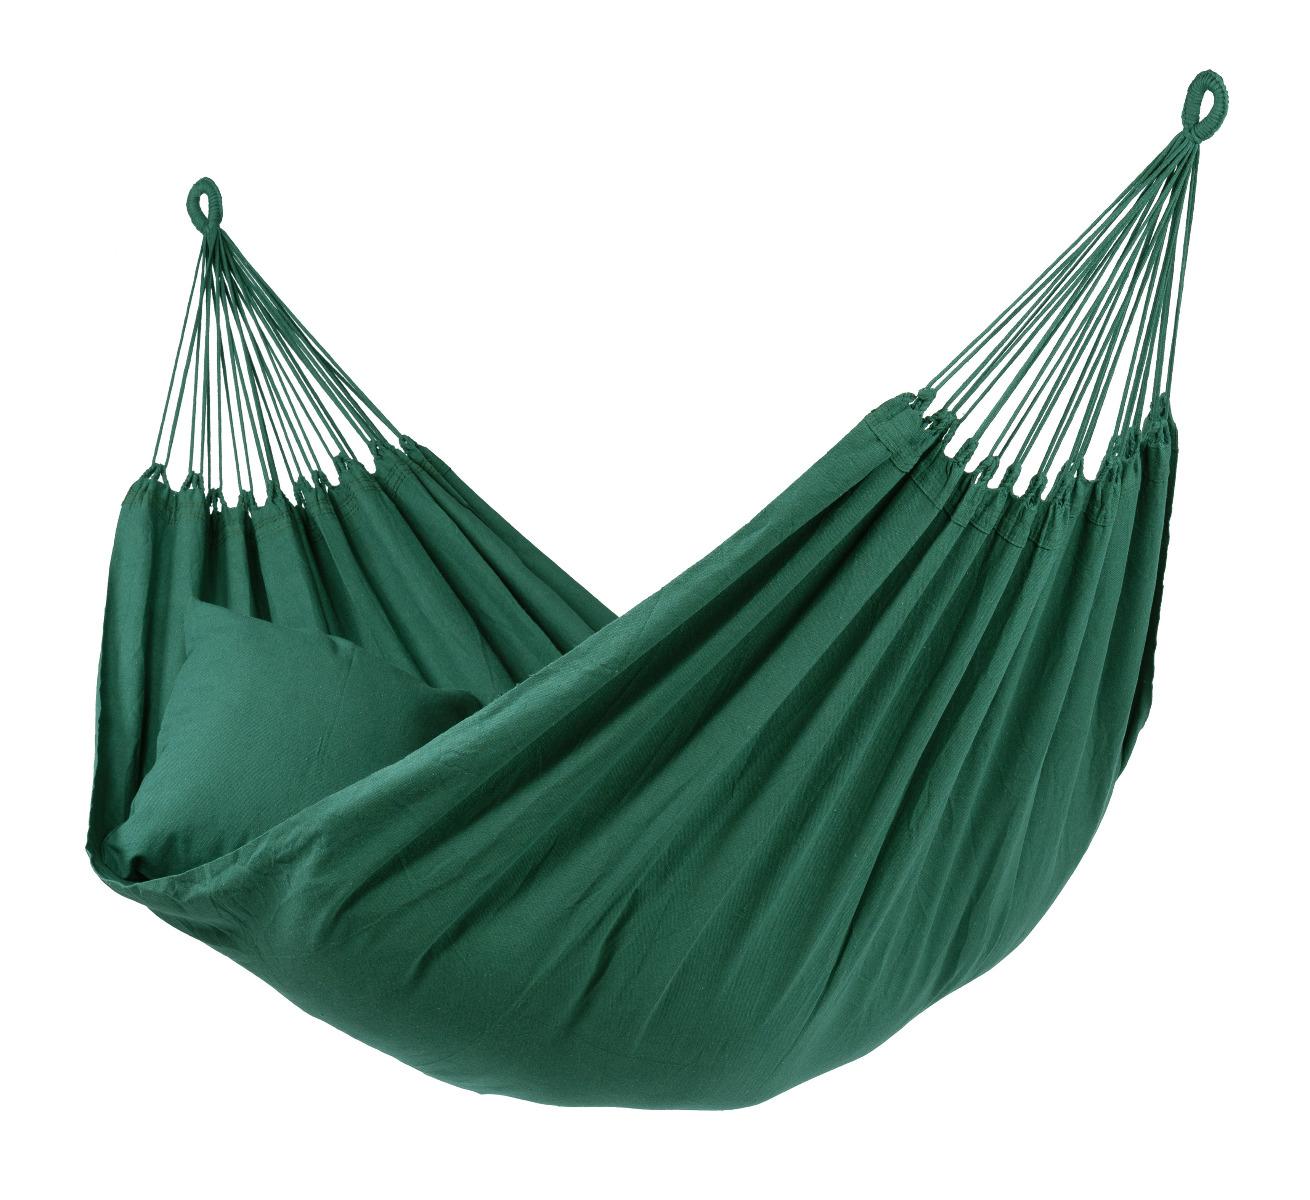 'Plain' Green E�npersoons Hangmat - Groen - Tropilex �